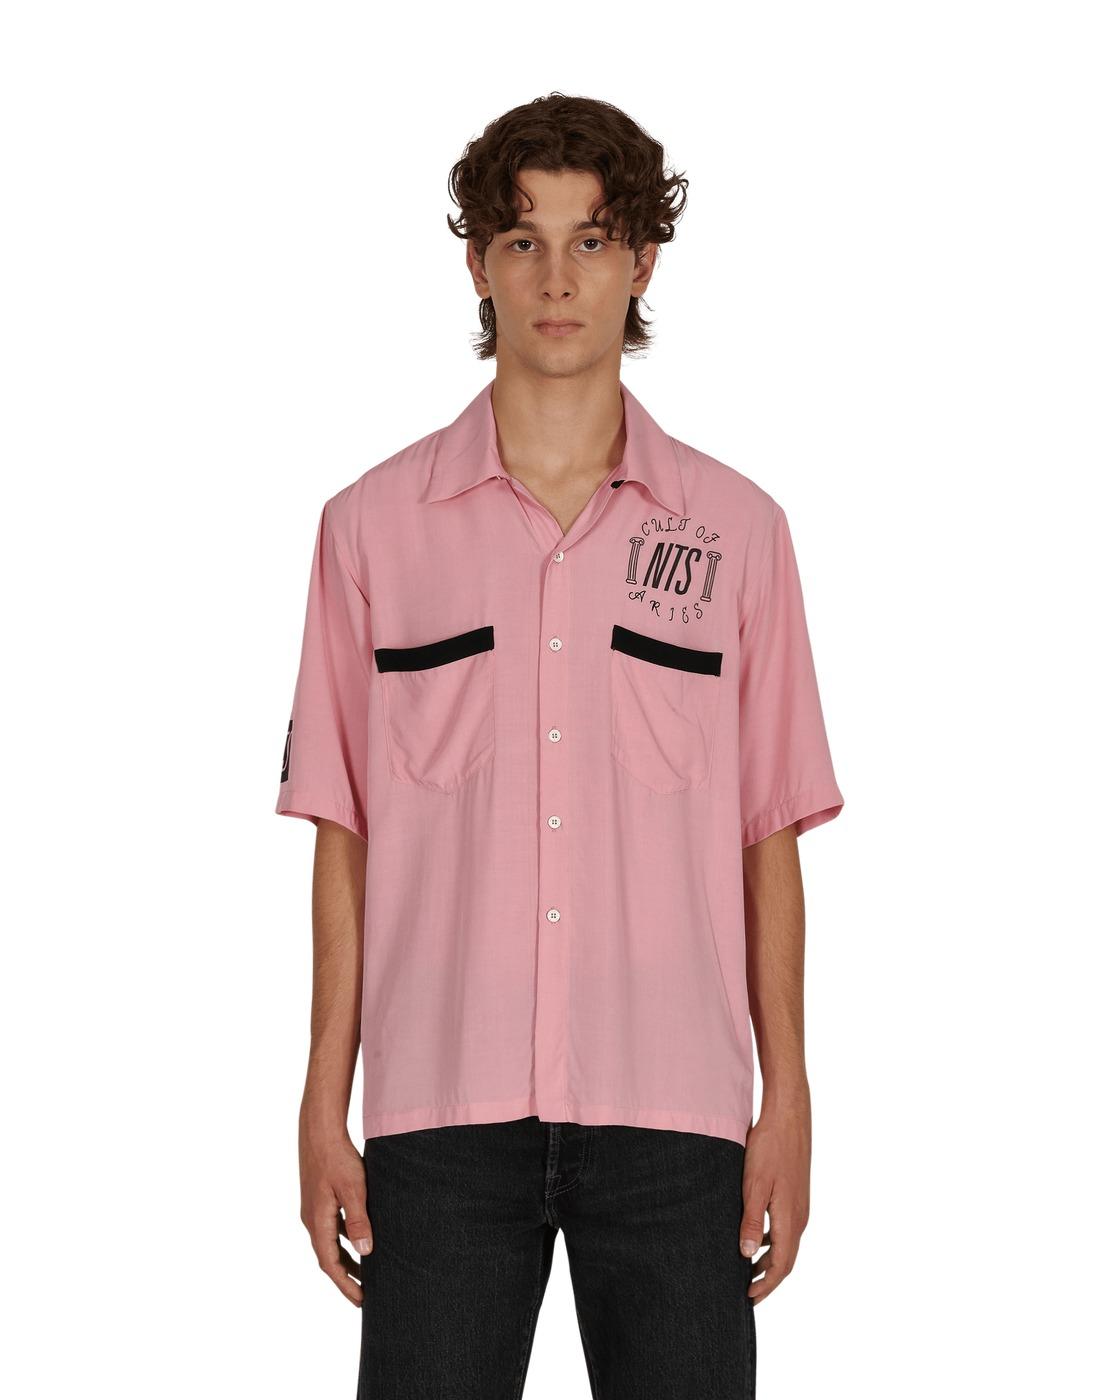 Aries Nts Bowling Hawaiian Shirt Pink